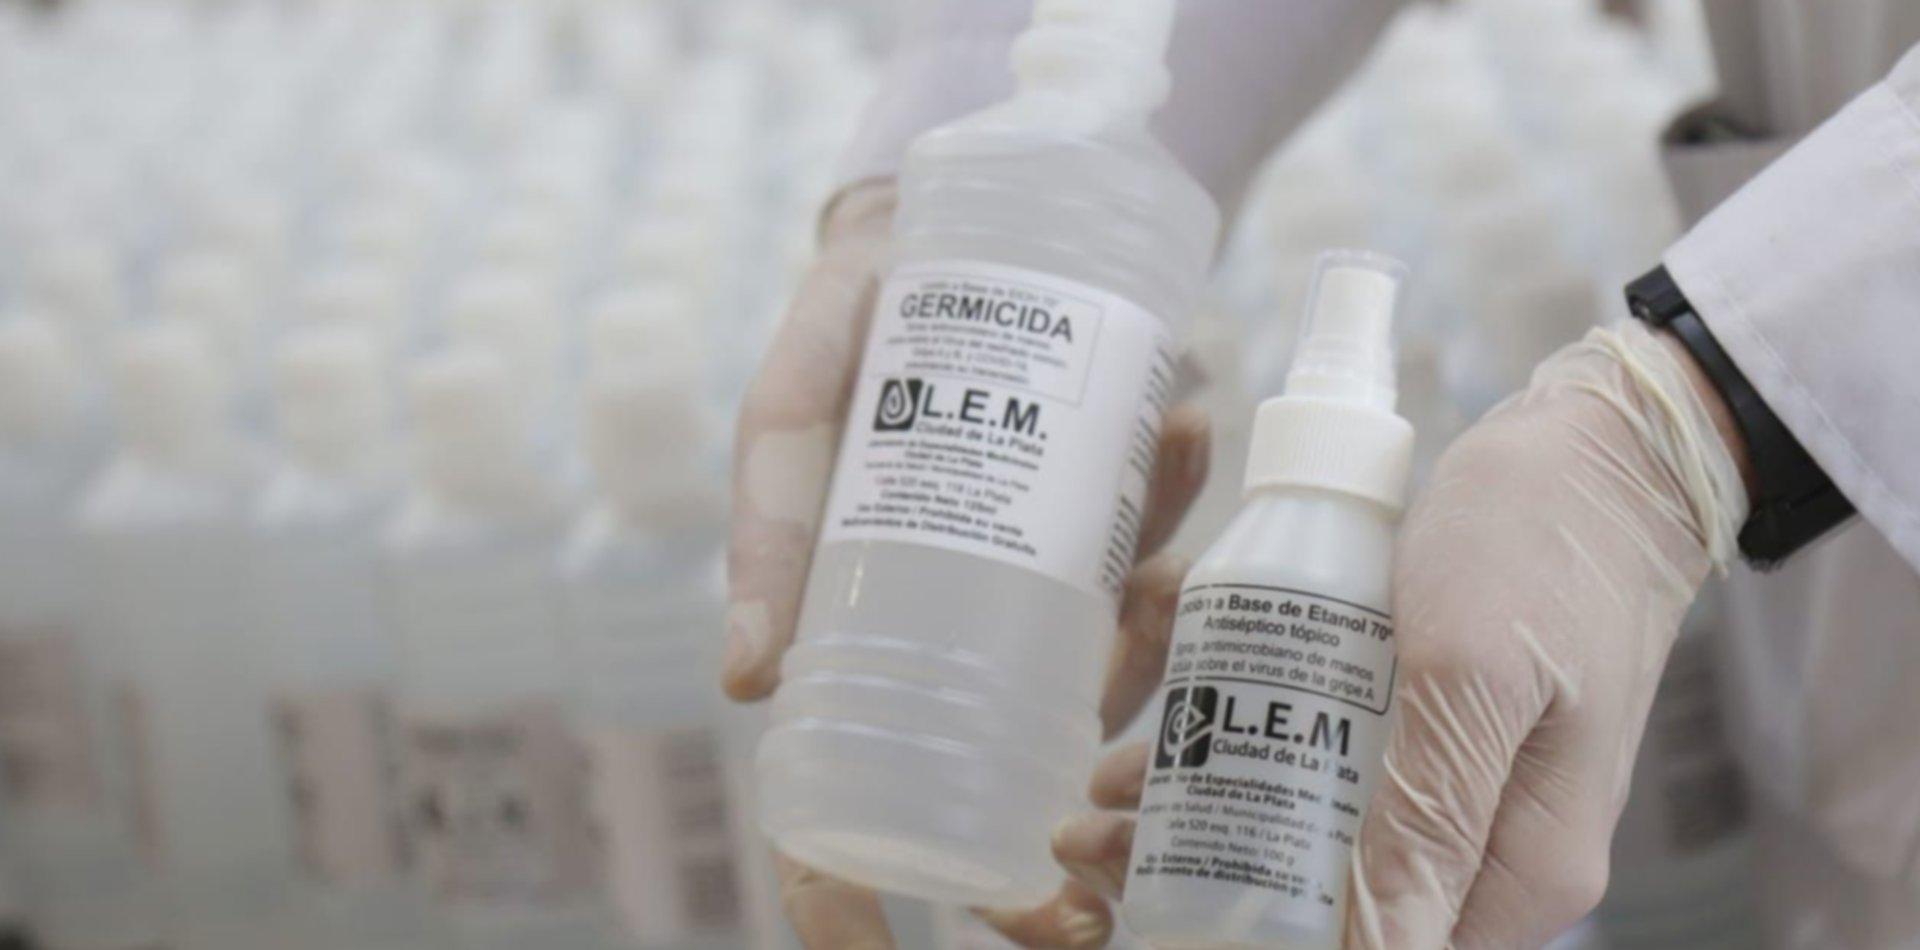 Un laboratorio de la UNLP hizo más de 2.500 litros de alcohol para donar en plena pandemia